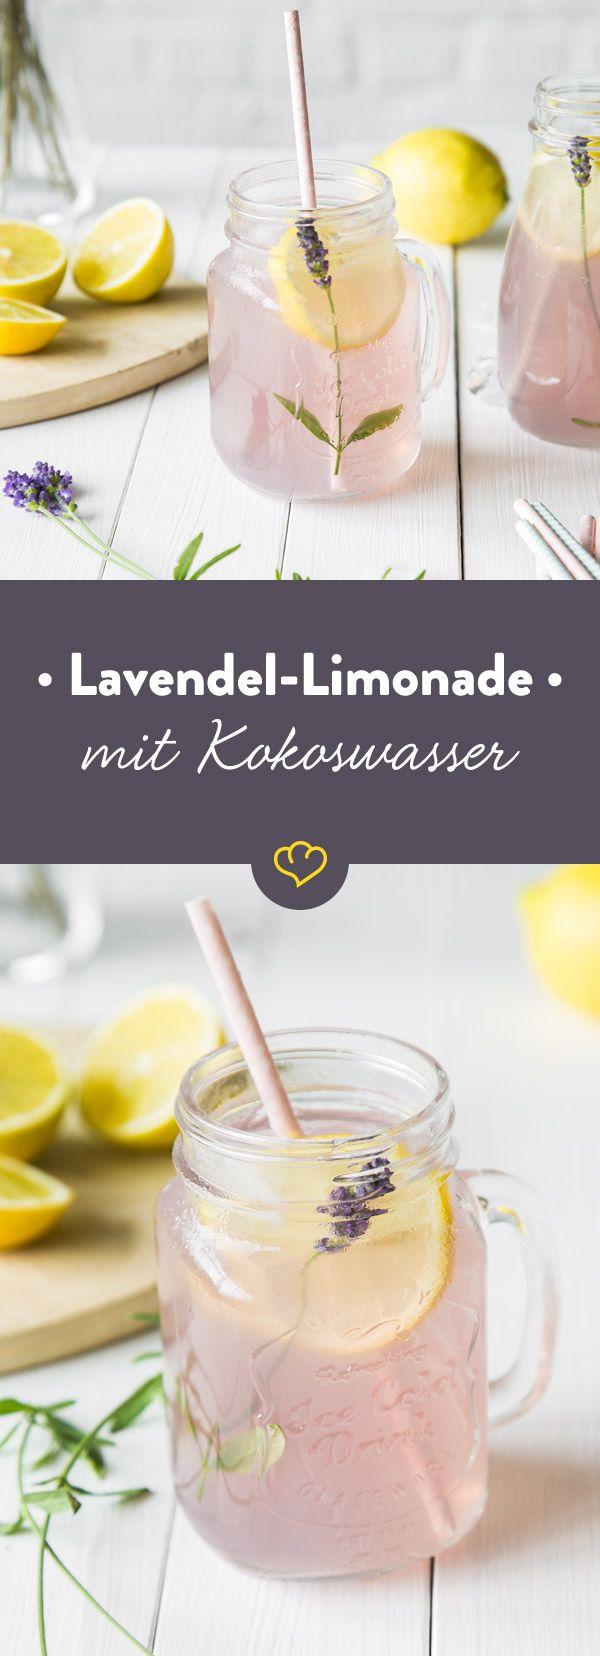 Der Ursprung dieser außergewöhnlichen Limonade aus Lavendelblüten und Kokoswasser muss irgendwo zwischen Provence und Karibik liegen. Herrlich erfrischend!